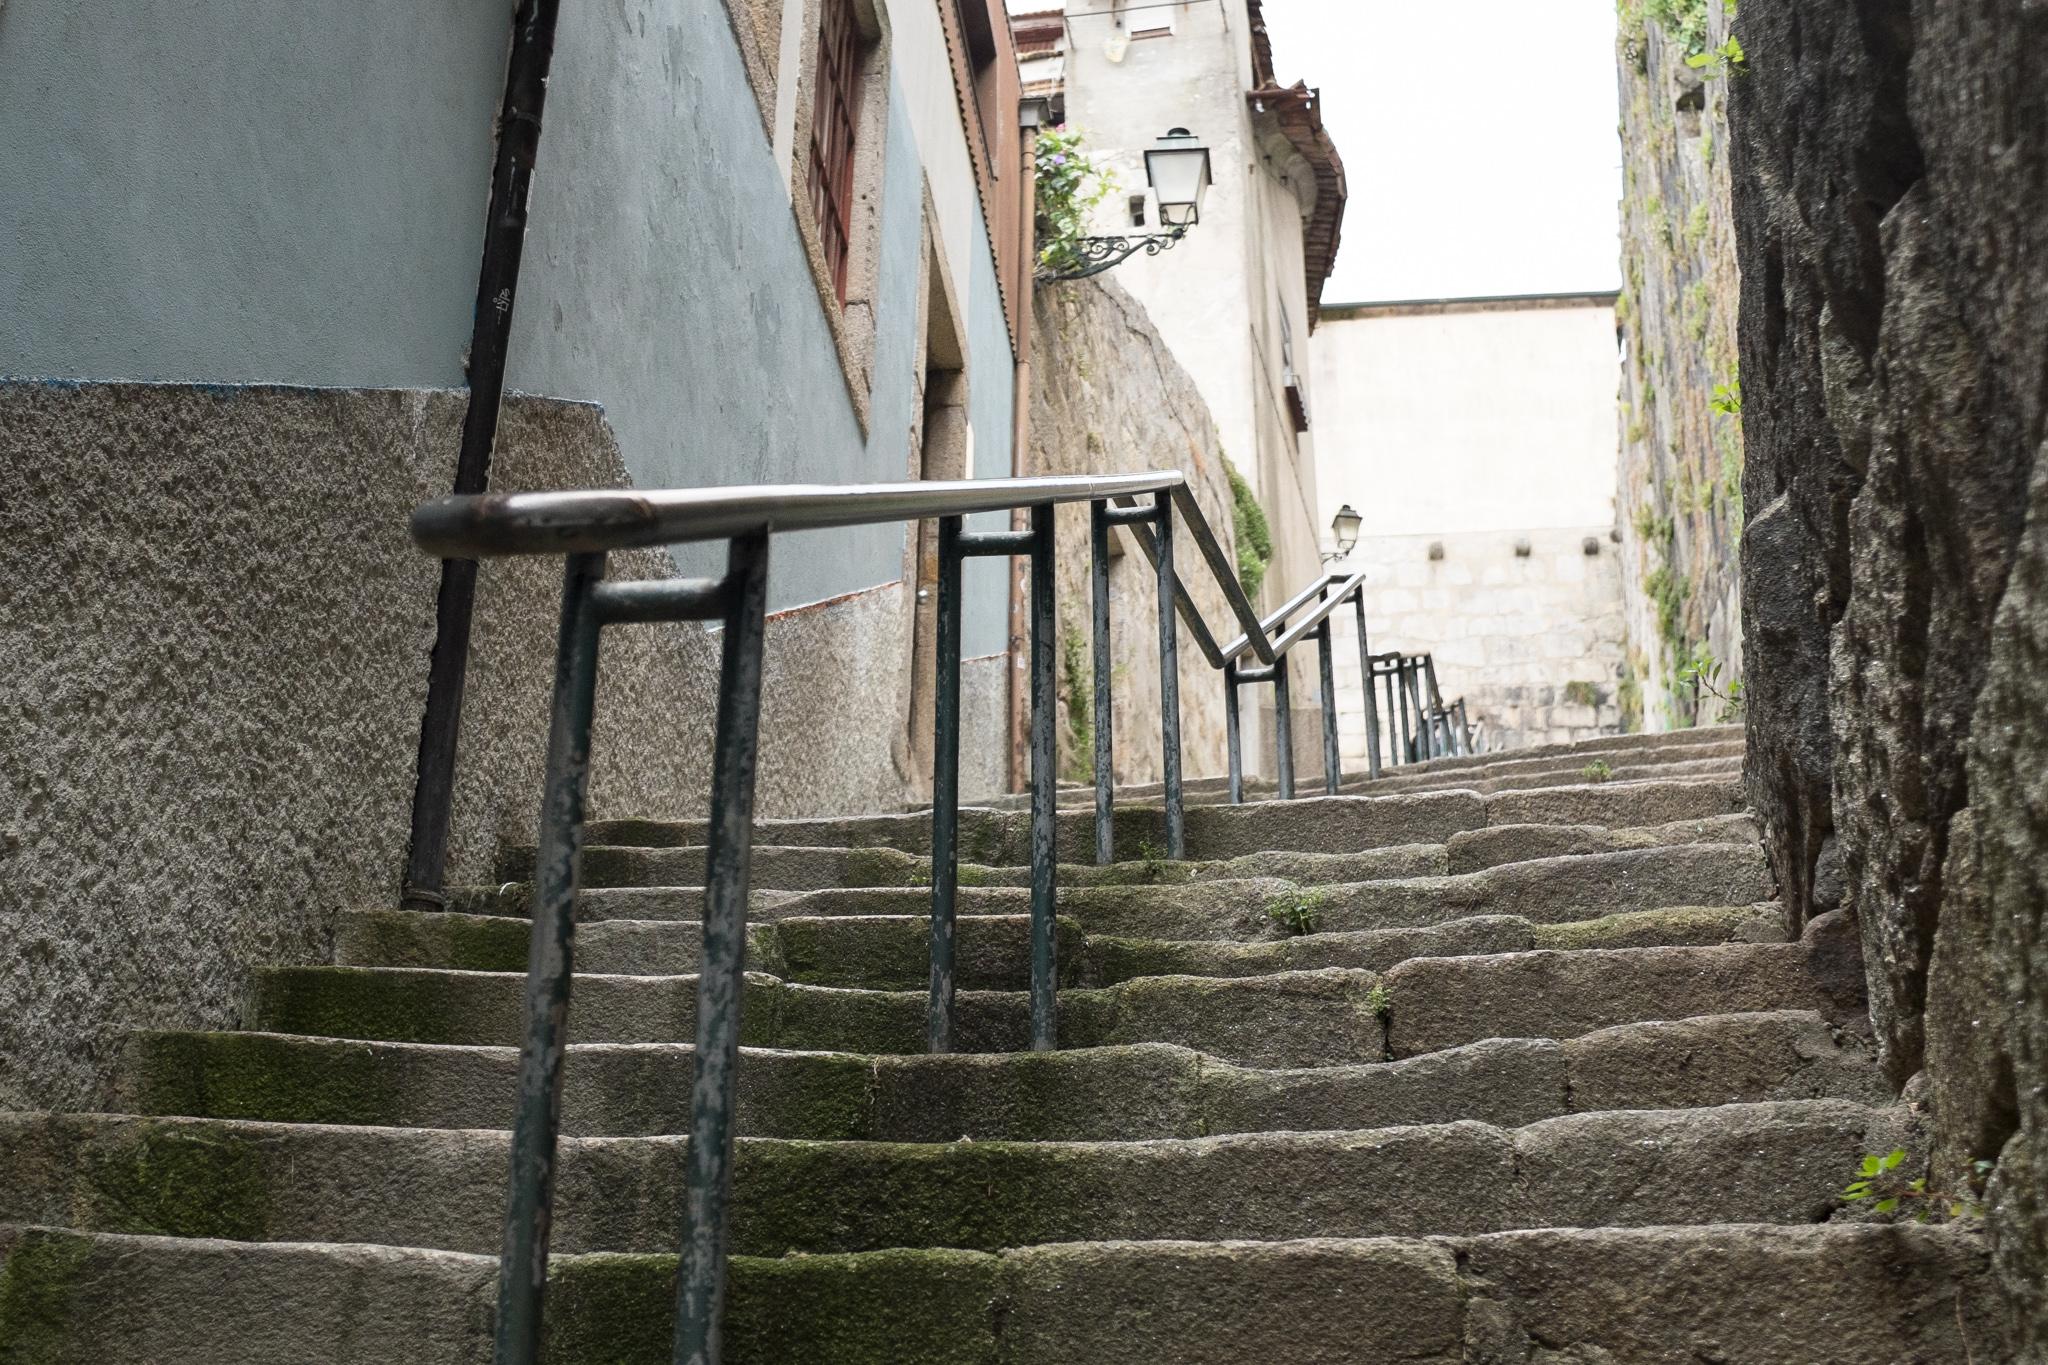 5431-portuguese-architecture-lisbon-porto.jpg